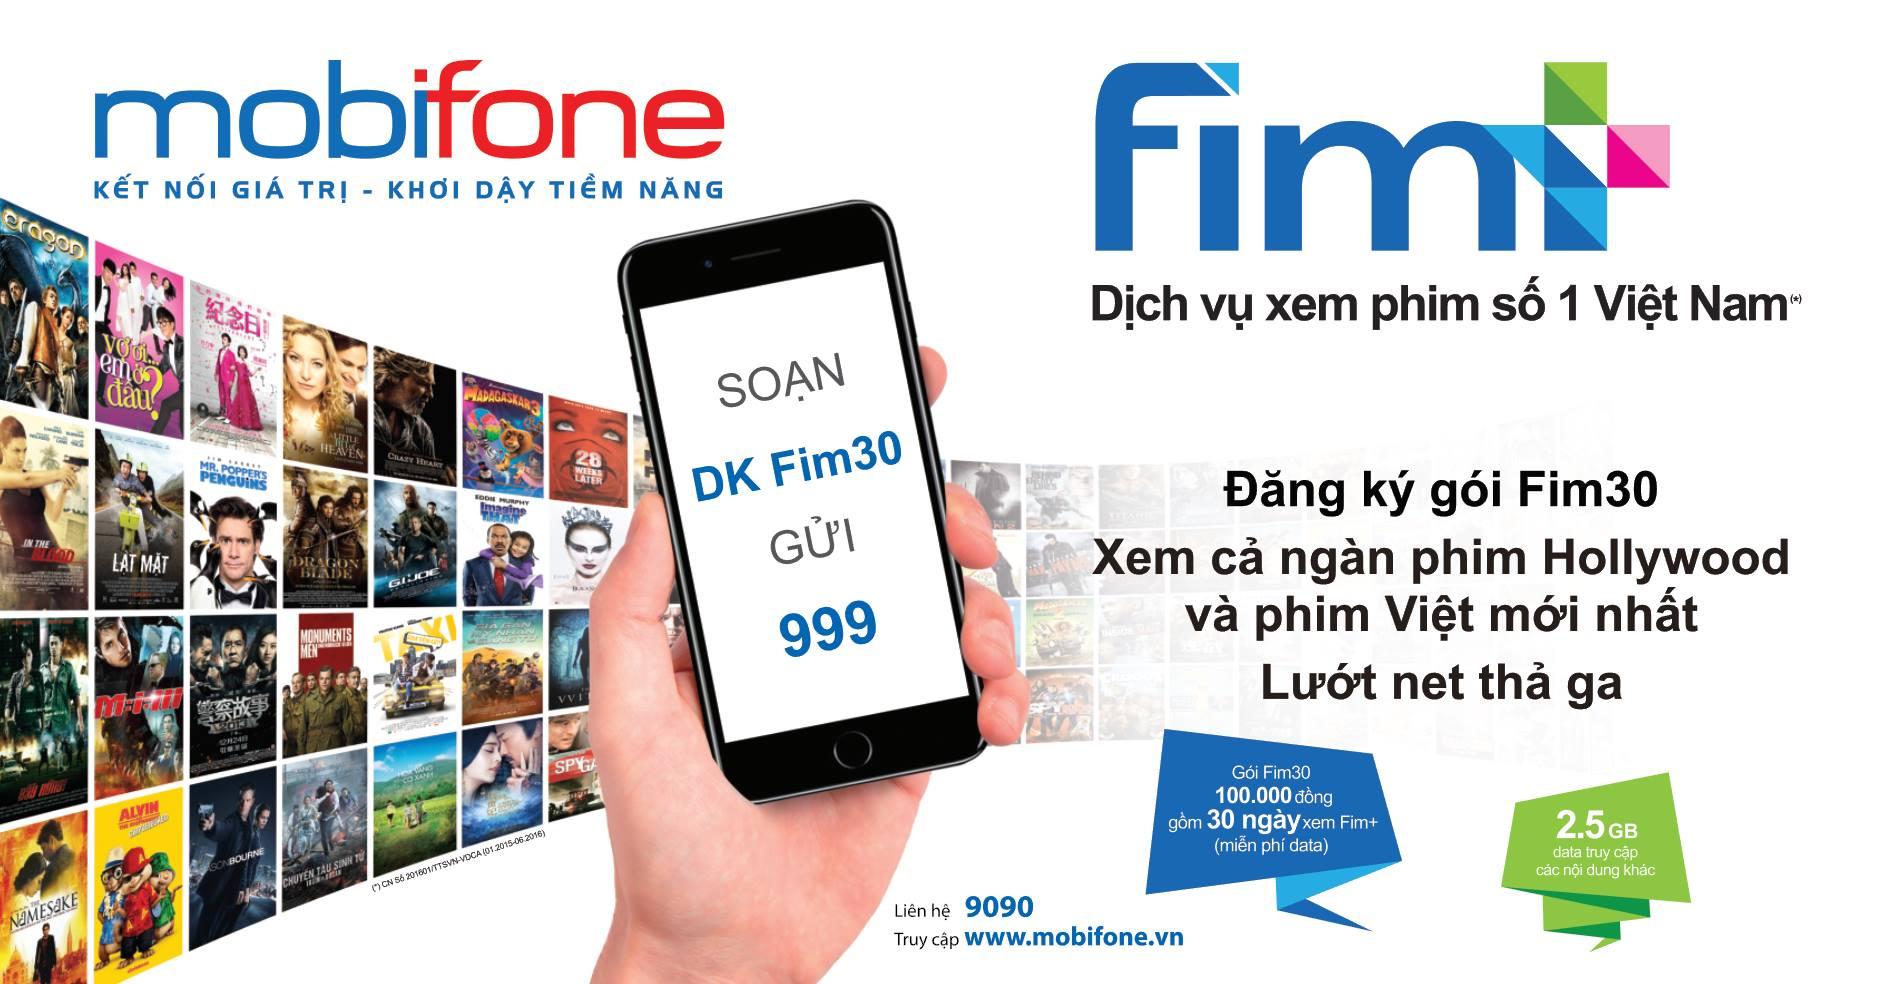 Ưu đãi hấp dẫn với gói cước FIMB30 Mobifone